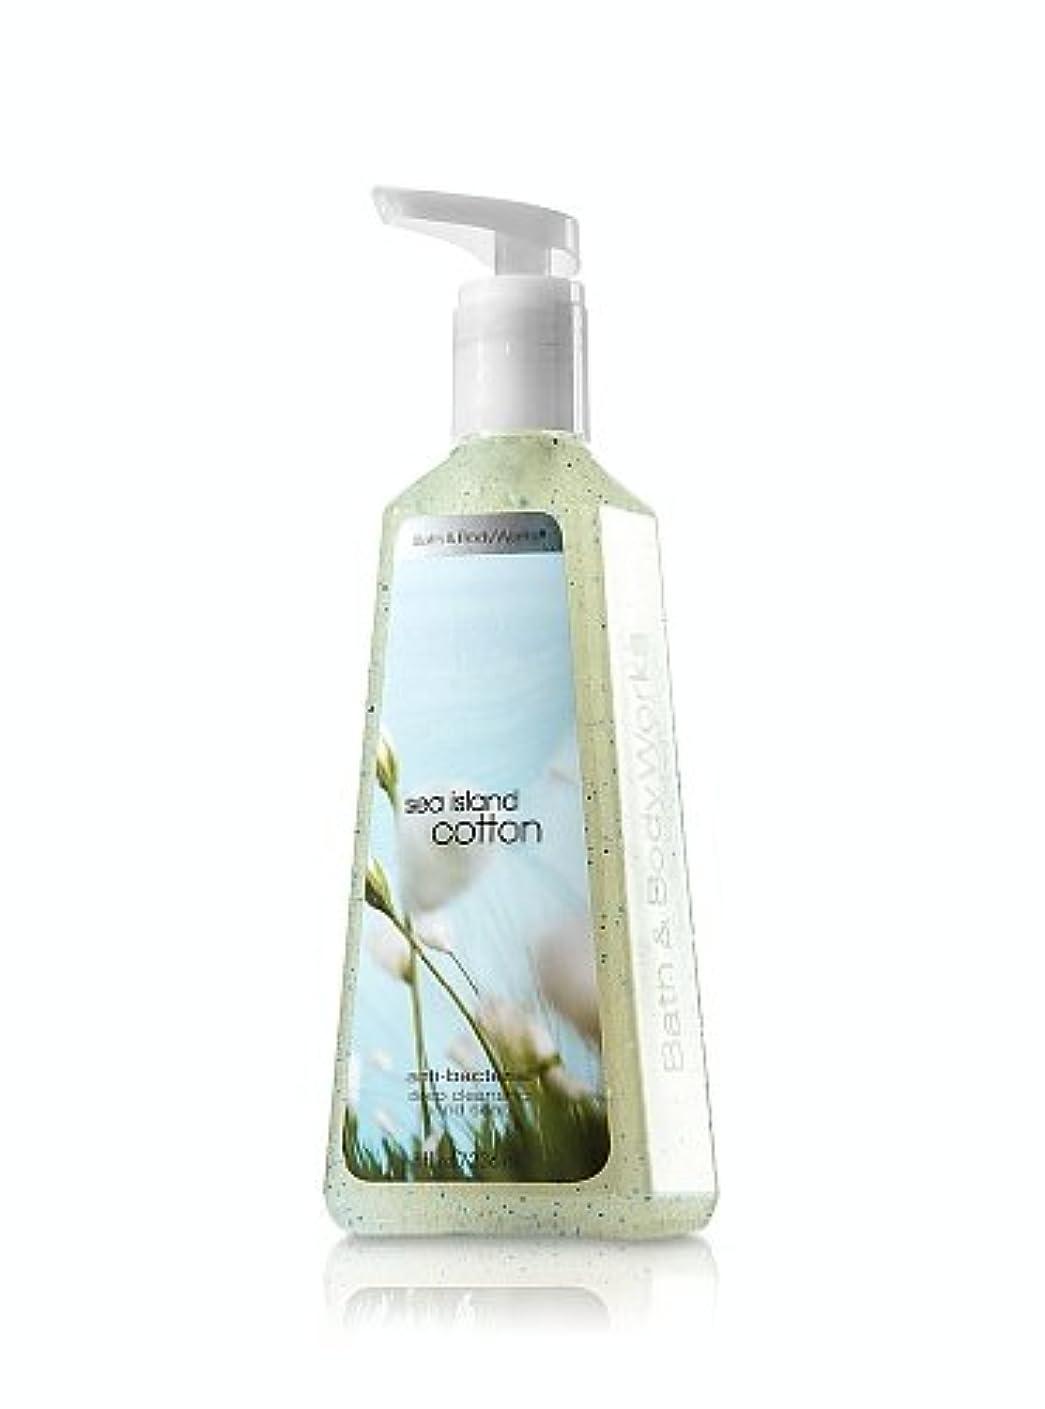 極小お嬢水を飲むバス&ボディワークス シーアイランドコットン ディープクレンジングハンドソープ Sea Island Cotton Deep Cleansing Hand Soap [並行輸入品]